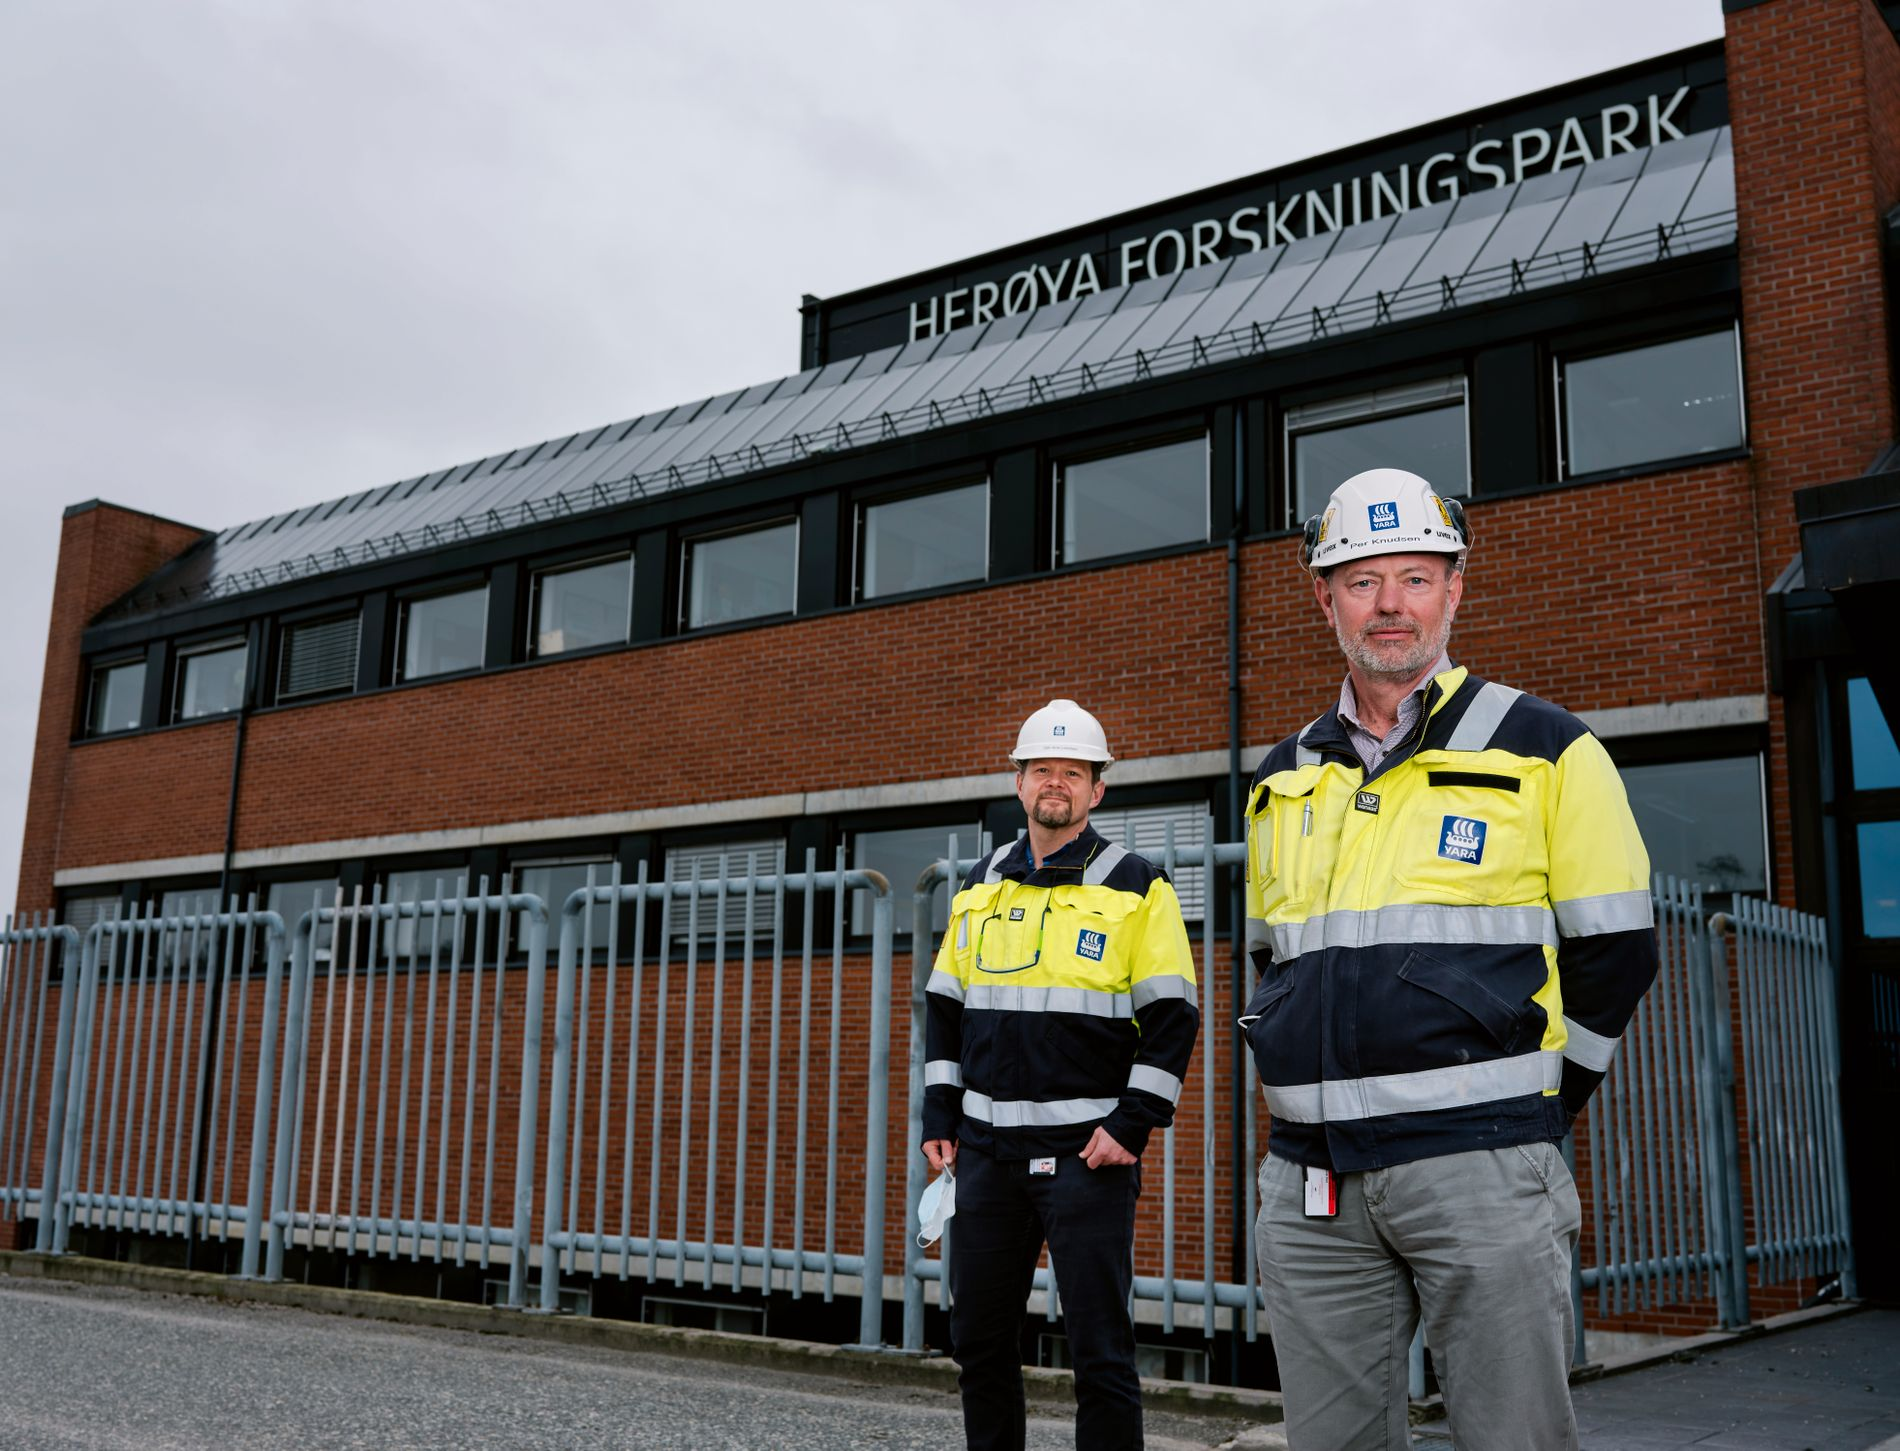 ARBEIDSPLASSER: Fullelektrifisering av ammoniakkfabrikken vil kunne gi mange nye, gode år for prosessindustri og arbeidsplasser i Grenland.